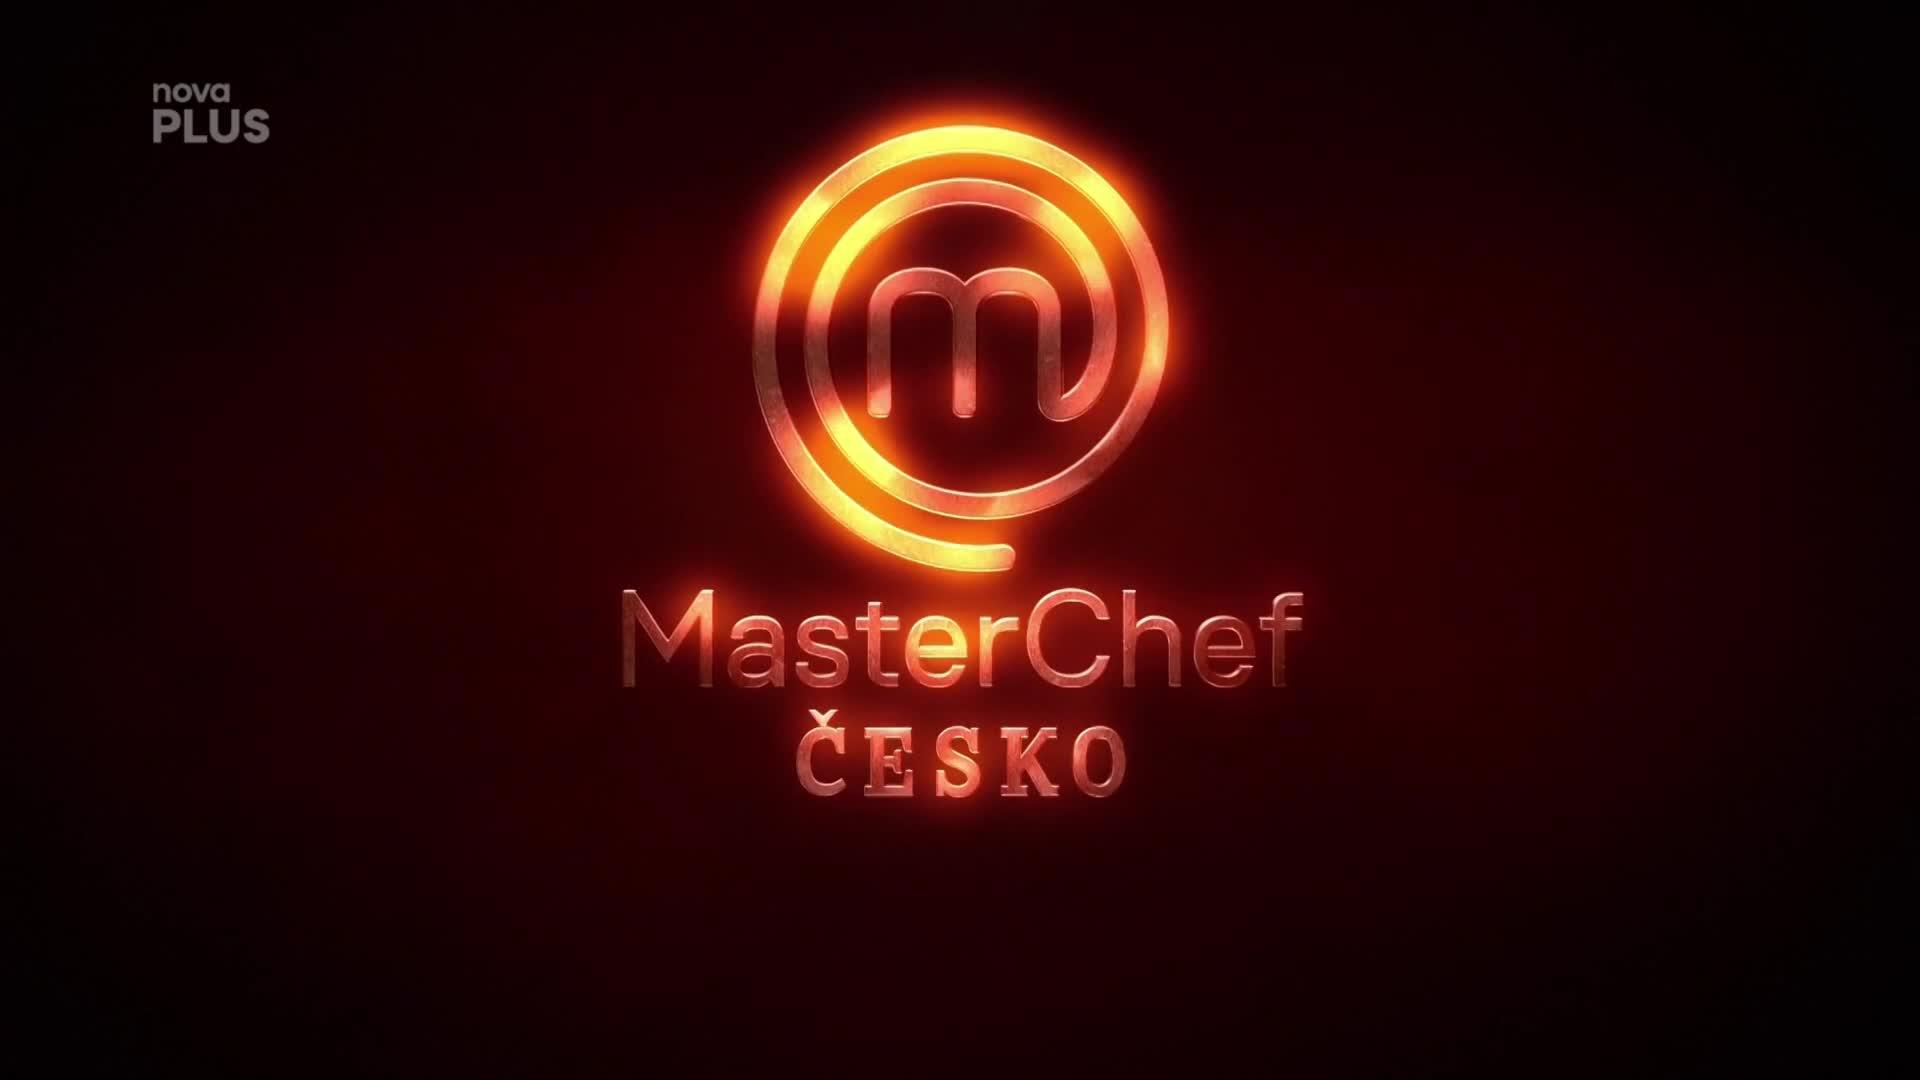 I vy můžete být českým MasterChefem! Přihlaste se do oblíbené kulinářské show